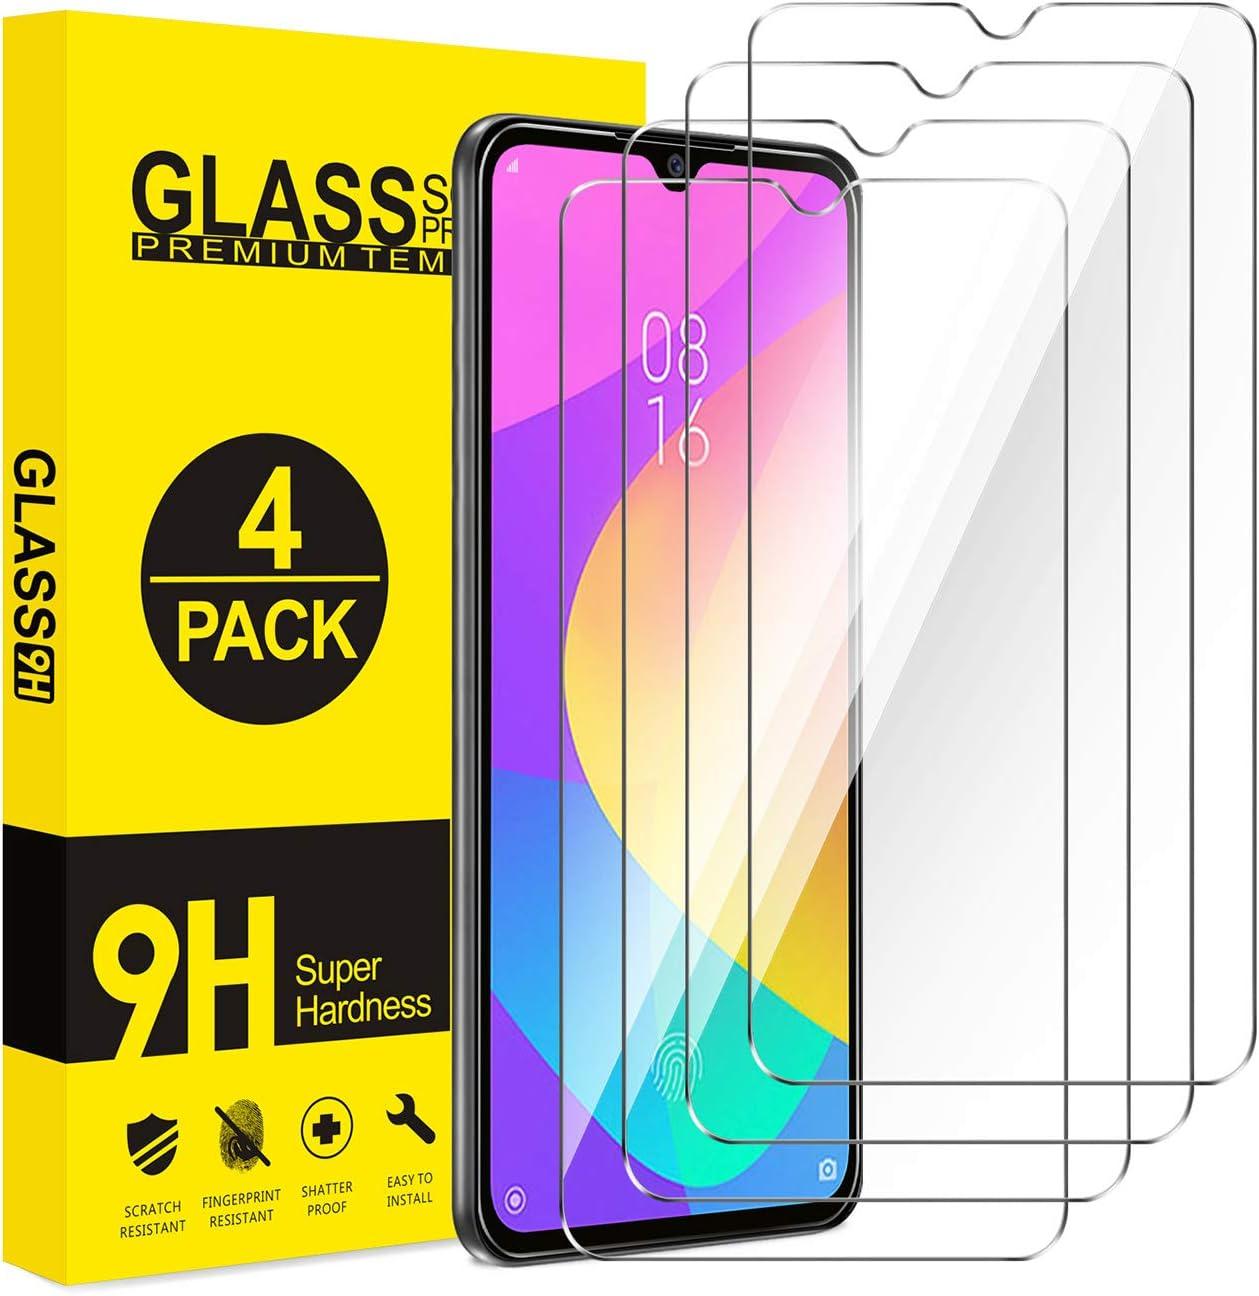 AROYI Cristal Templado Xiaomi Mi 9 Lite, [4-Pack] Protector Pantalla para Xiaomi Mi 9 Lite, Vidrio Templado con Alta Definición, Anti-Huella, Sin Burbujas, 9H Dureza